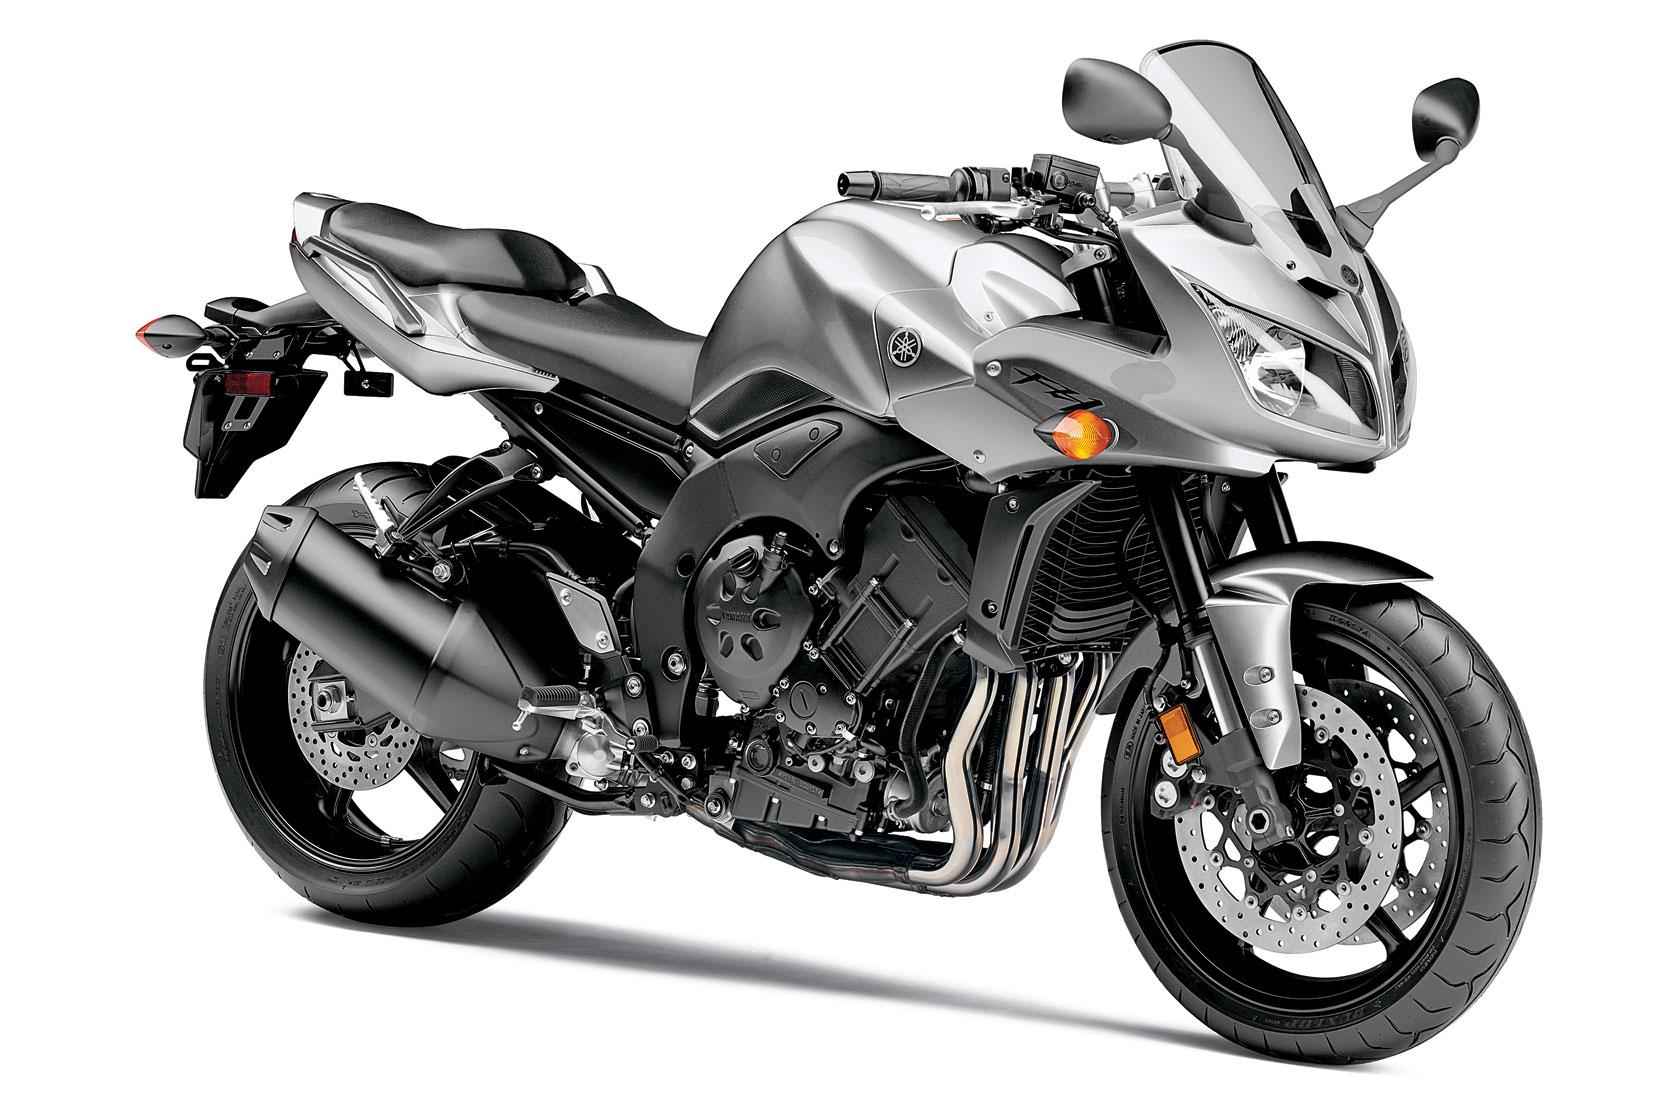 2009 Yamaha FZ1 | Top Speed